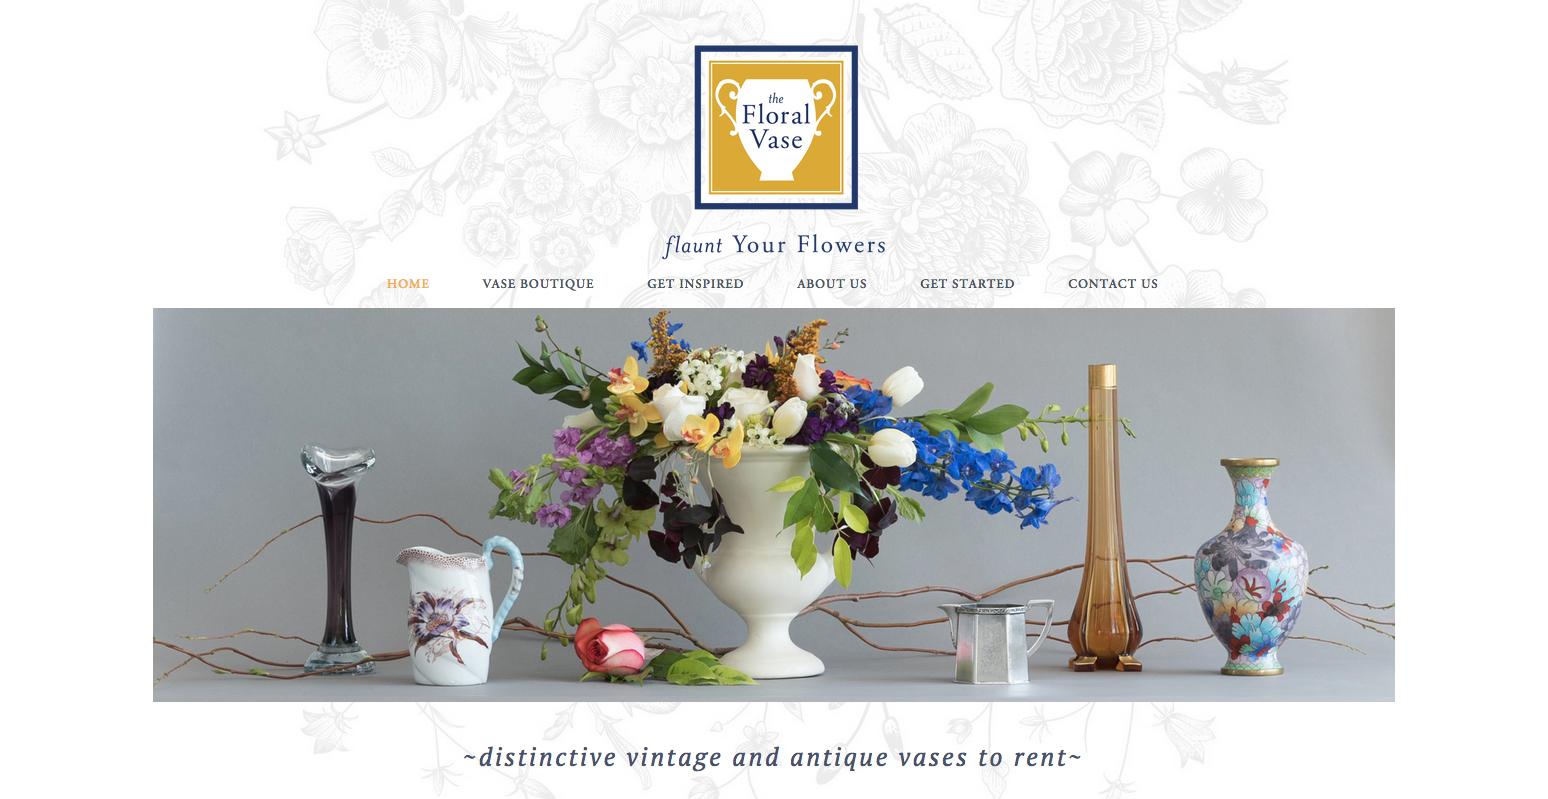 The Floral Vase